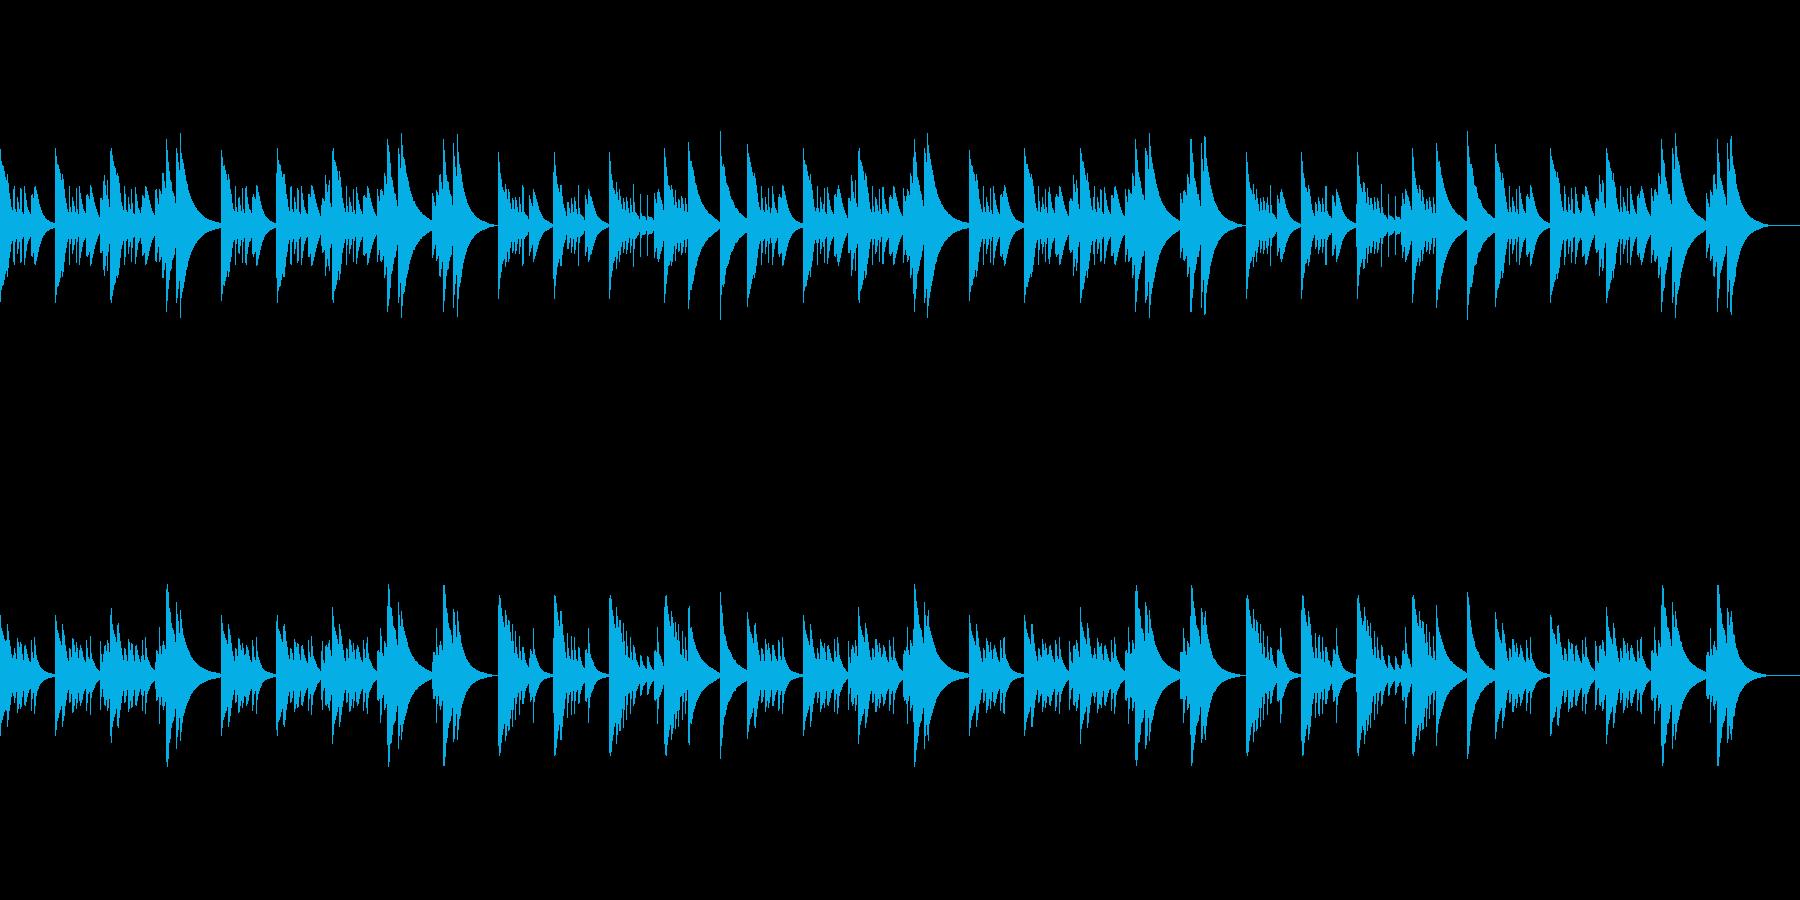 さびしげな歌メロ感のあるオルゴールBGMの再生済みの波形